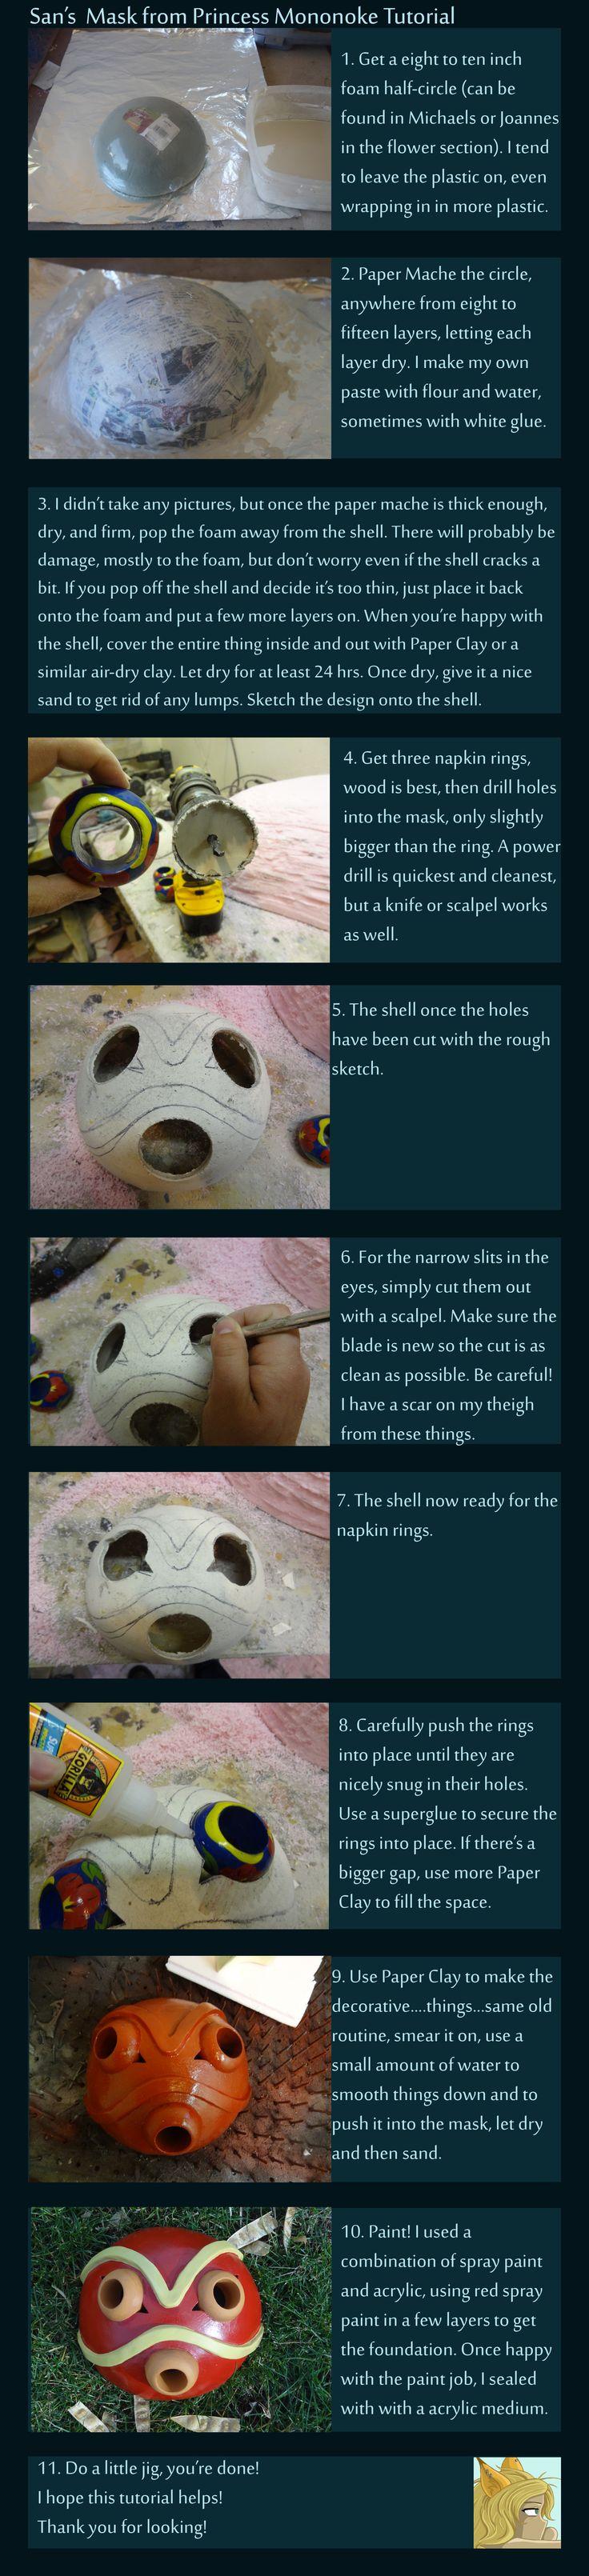 How to make San's mask - Princess Mononoke